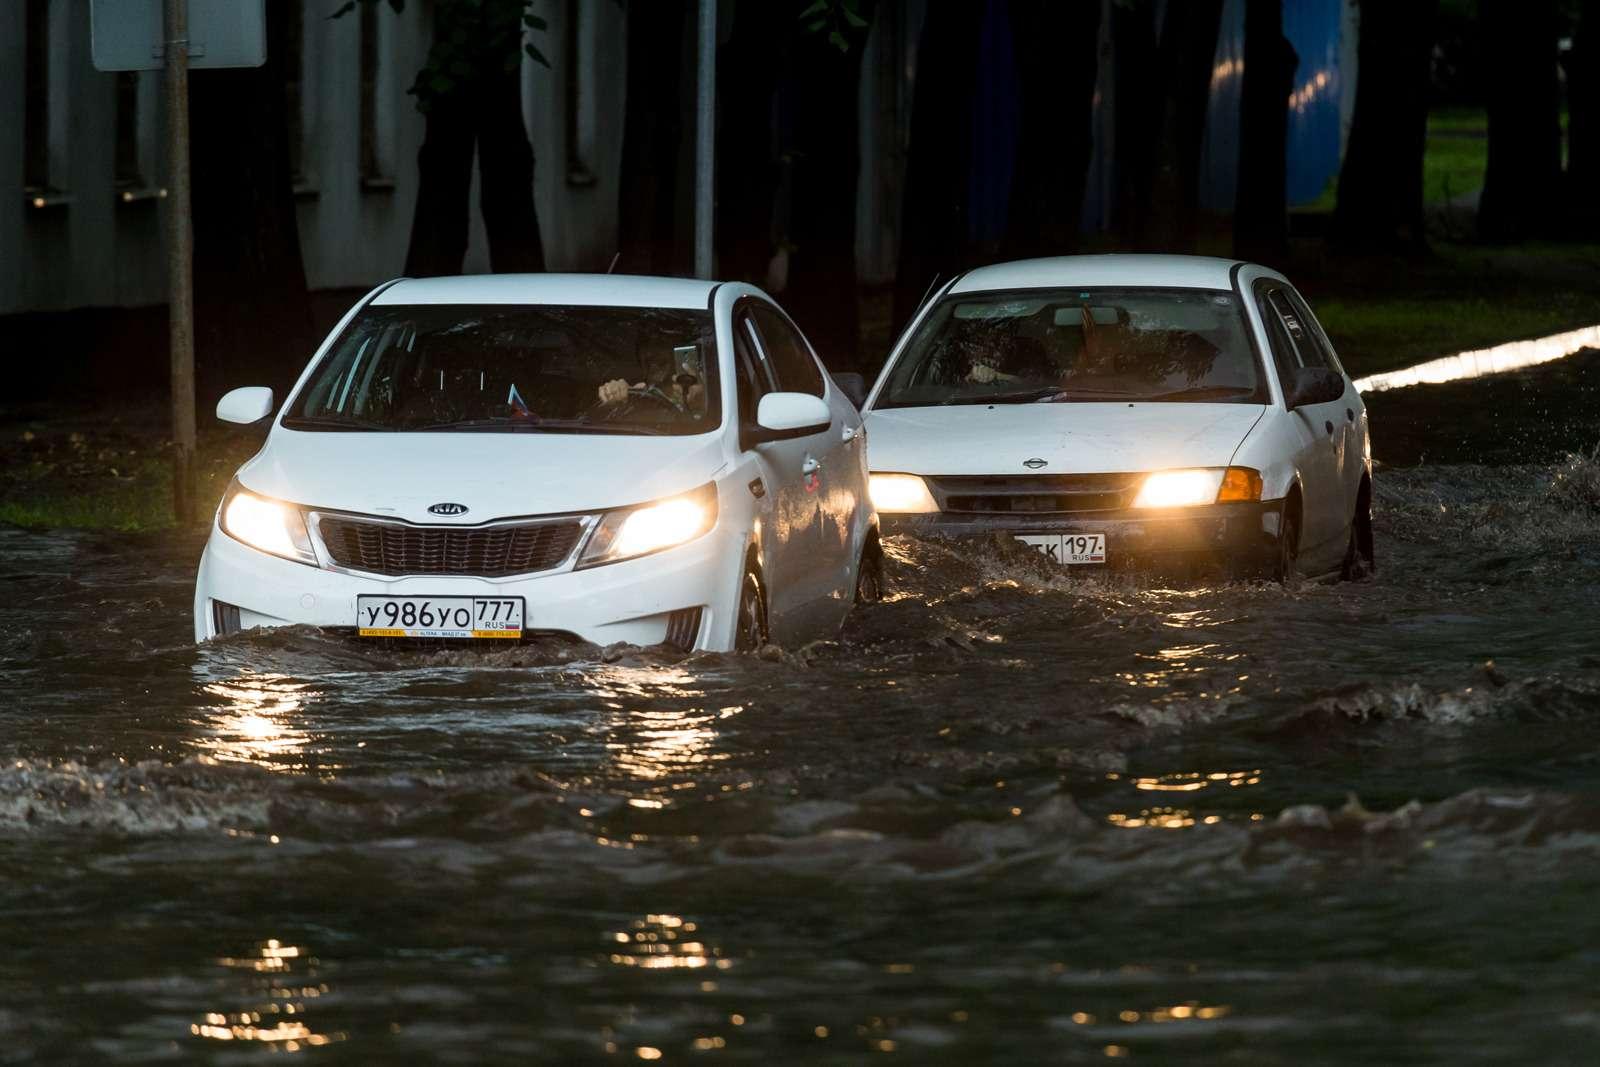 Москву залили дожди, машины поплыли. Фоторепортаж ЗР— фото 770685